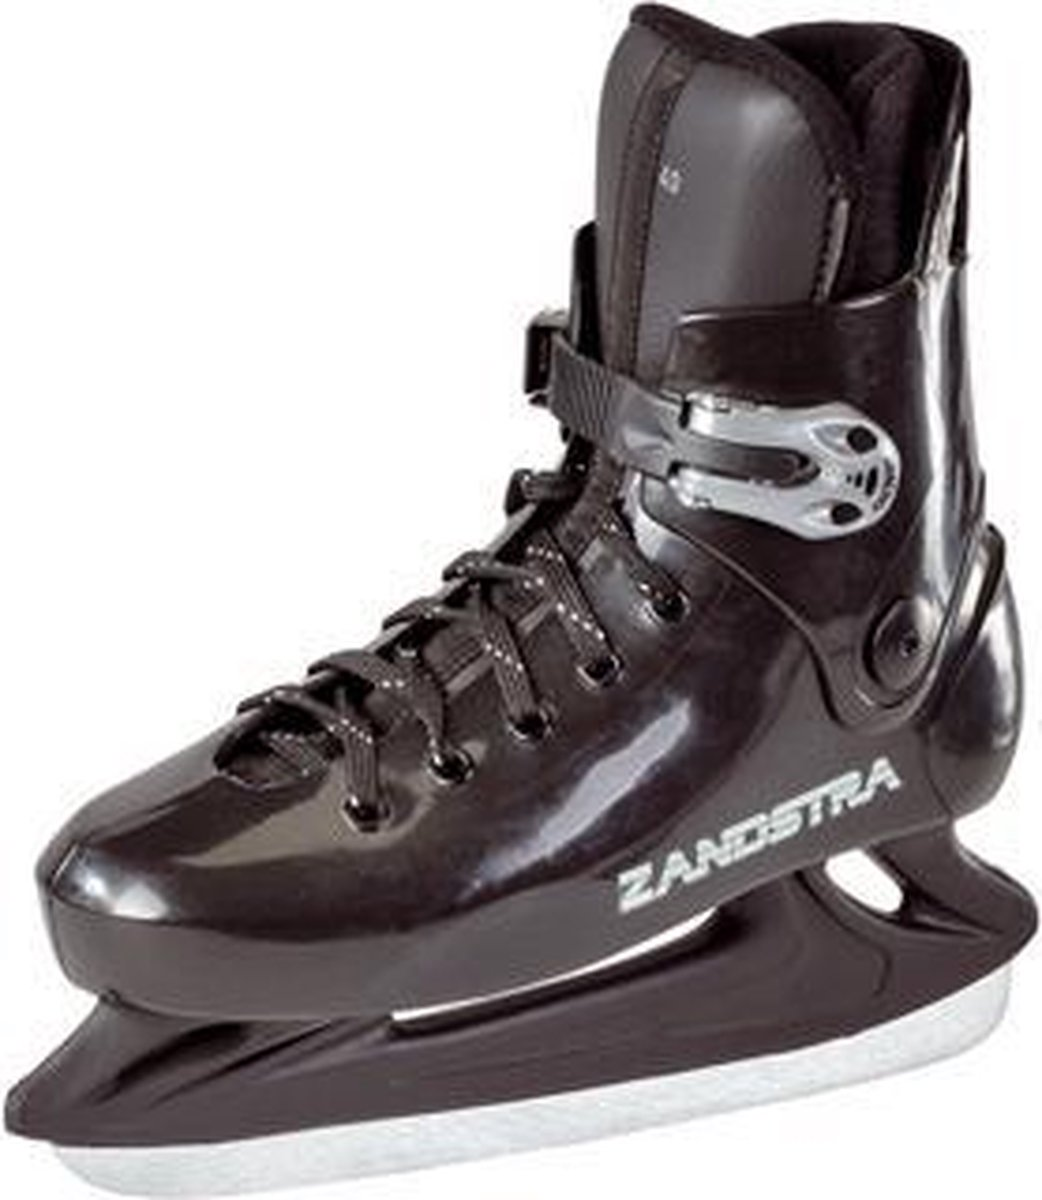 Zandstra Vancouver - IJshockeyschaats - maat 39